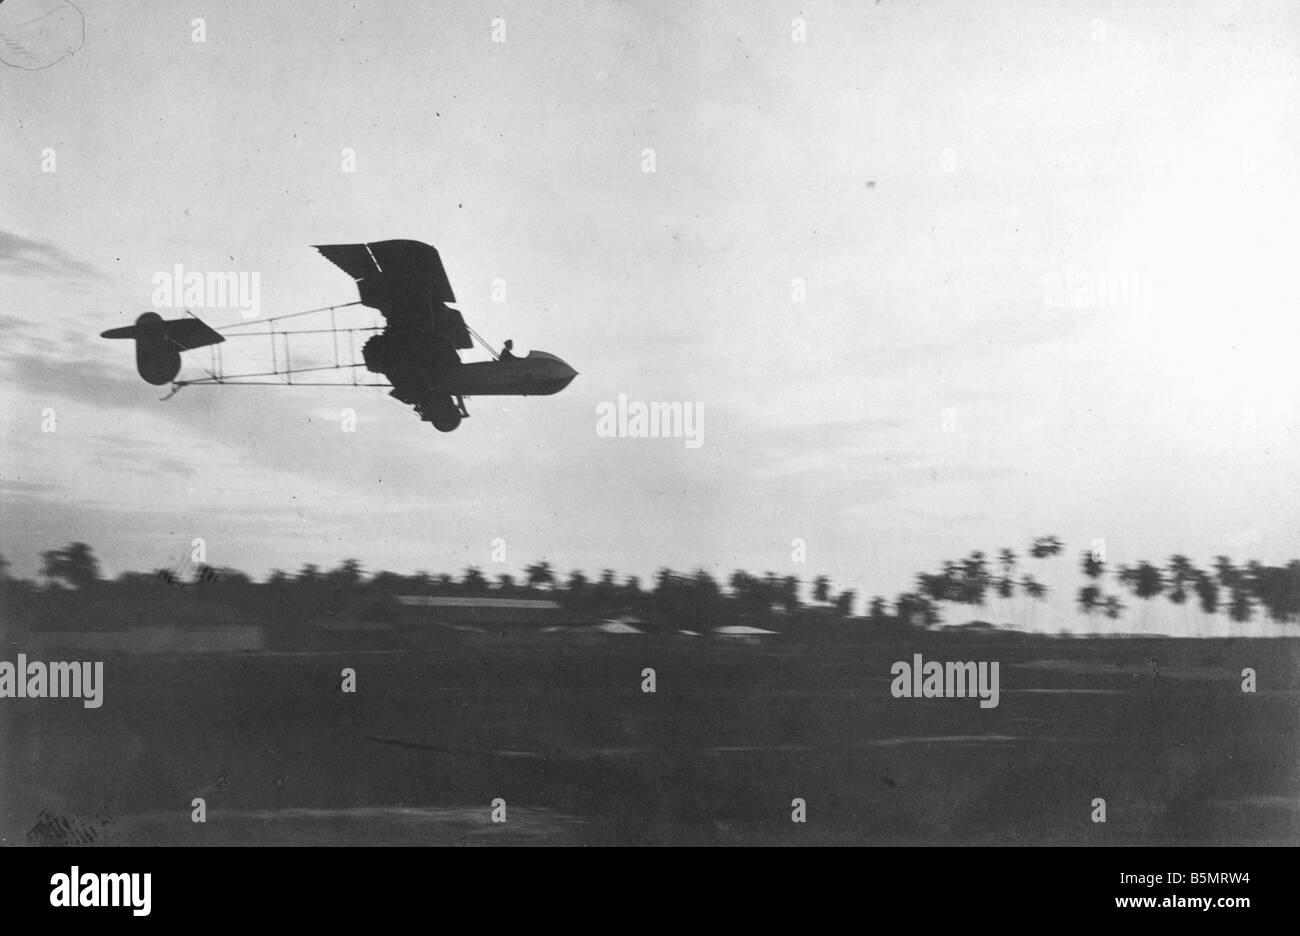 9AF 1914 0 0 5 3 un avión militar Ger África Oriental Guerra Mundial 1 guerra en las colonias de África Oriental Alemana ahora Tanzania avión militar Foto de stock